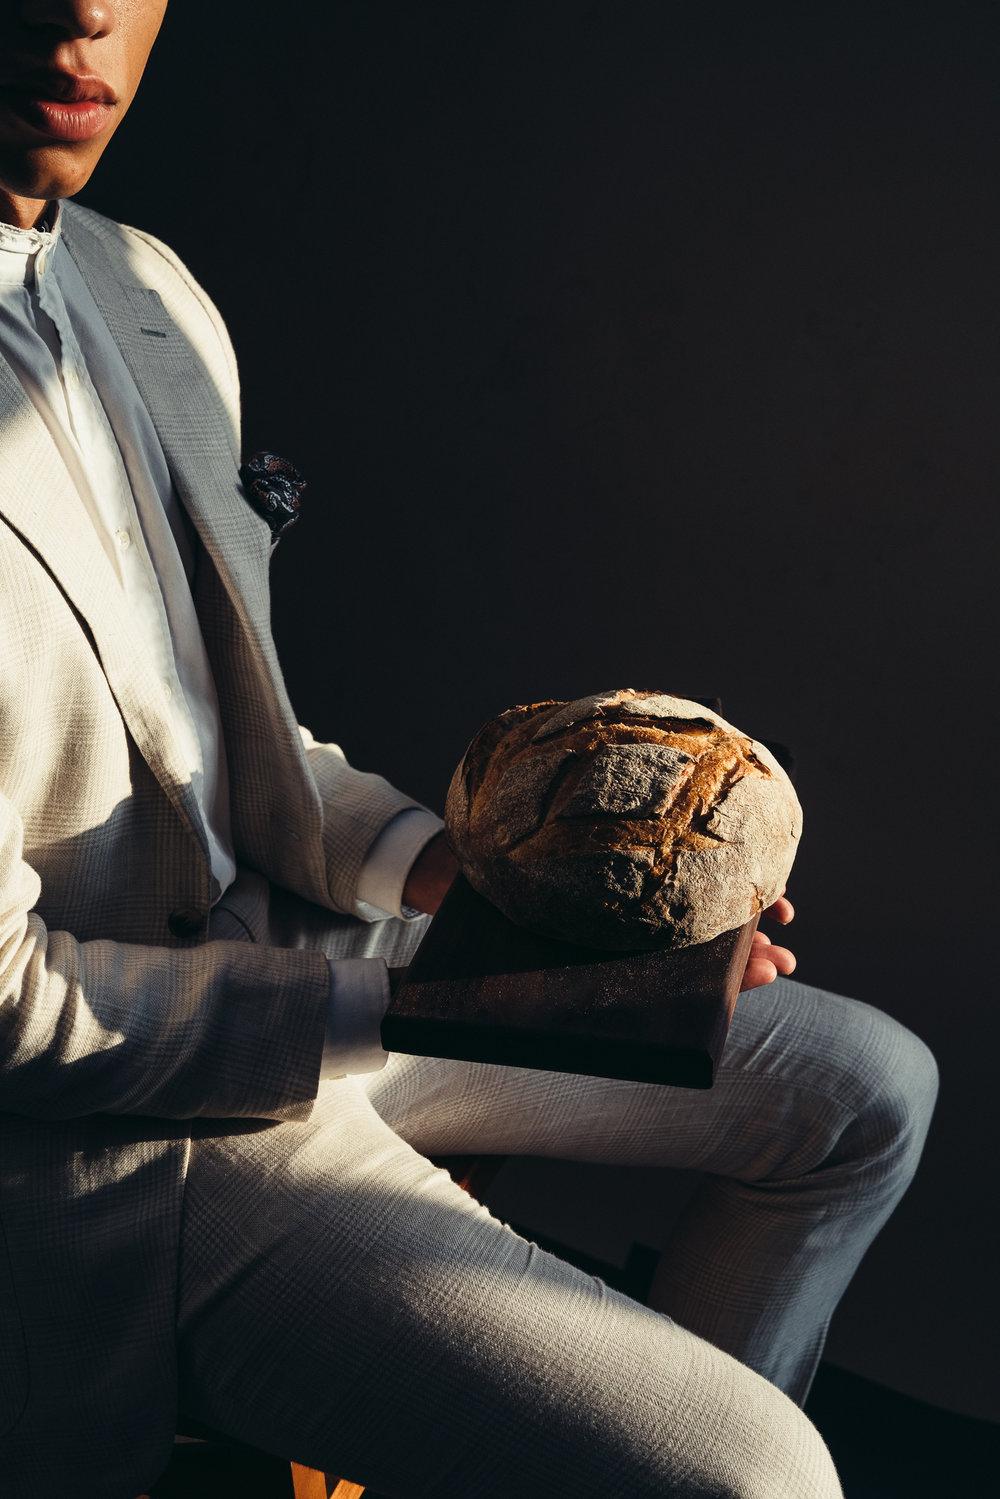 Bread_HumansandFood-7.jpg